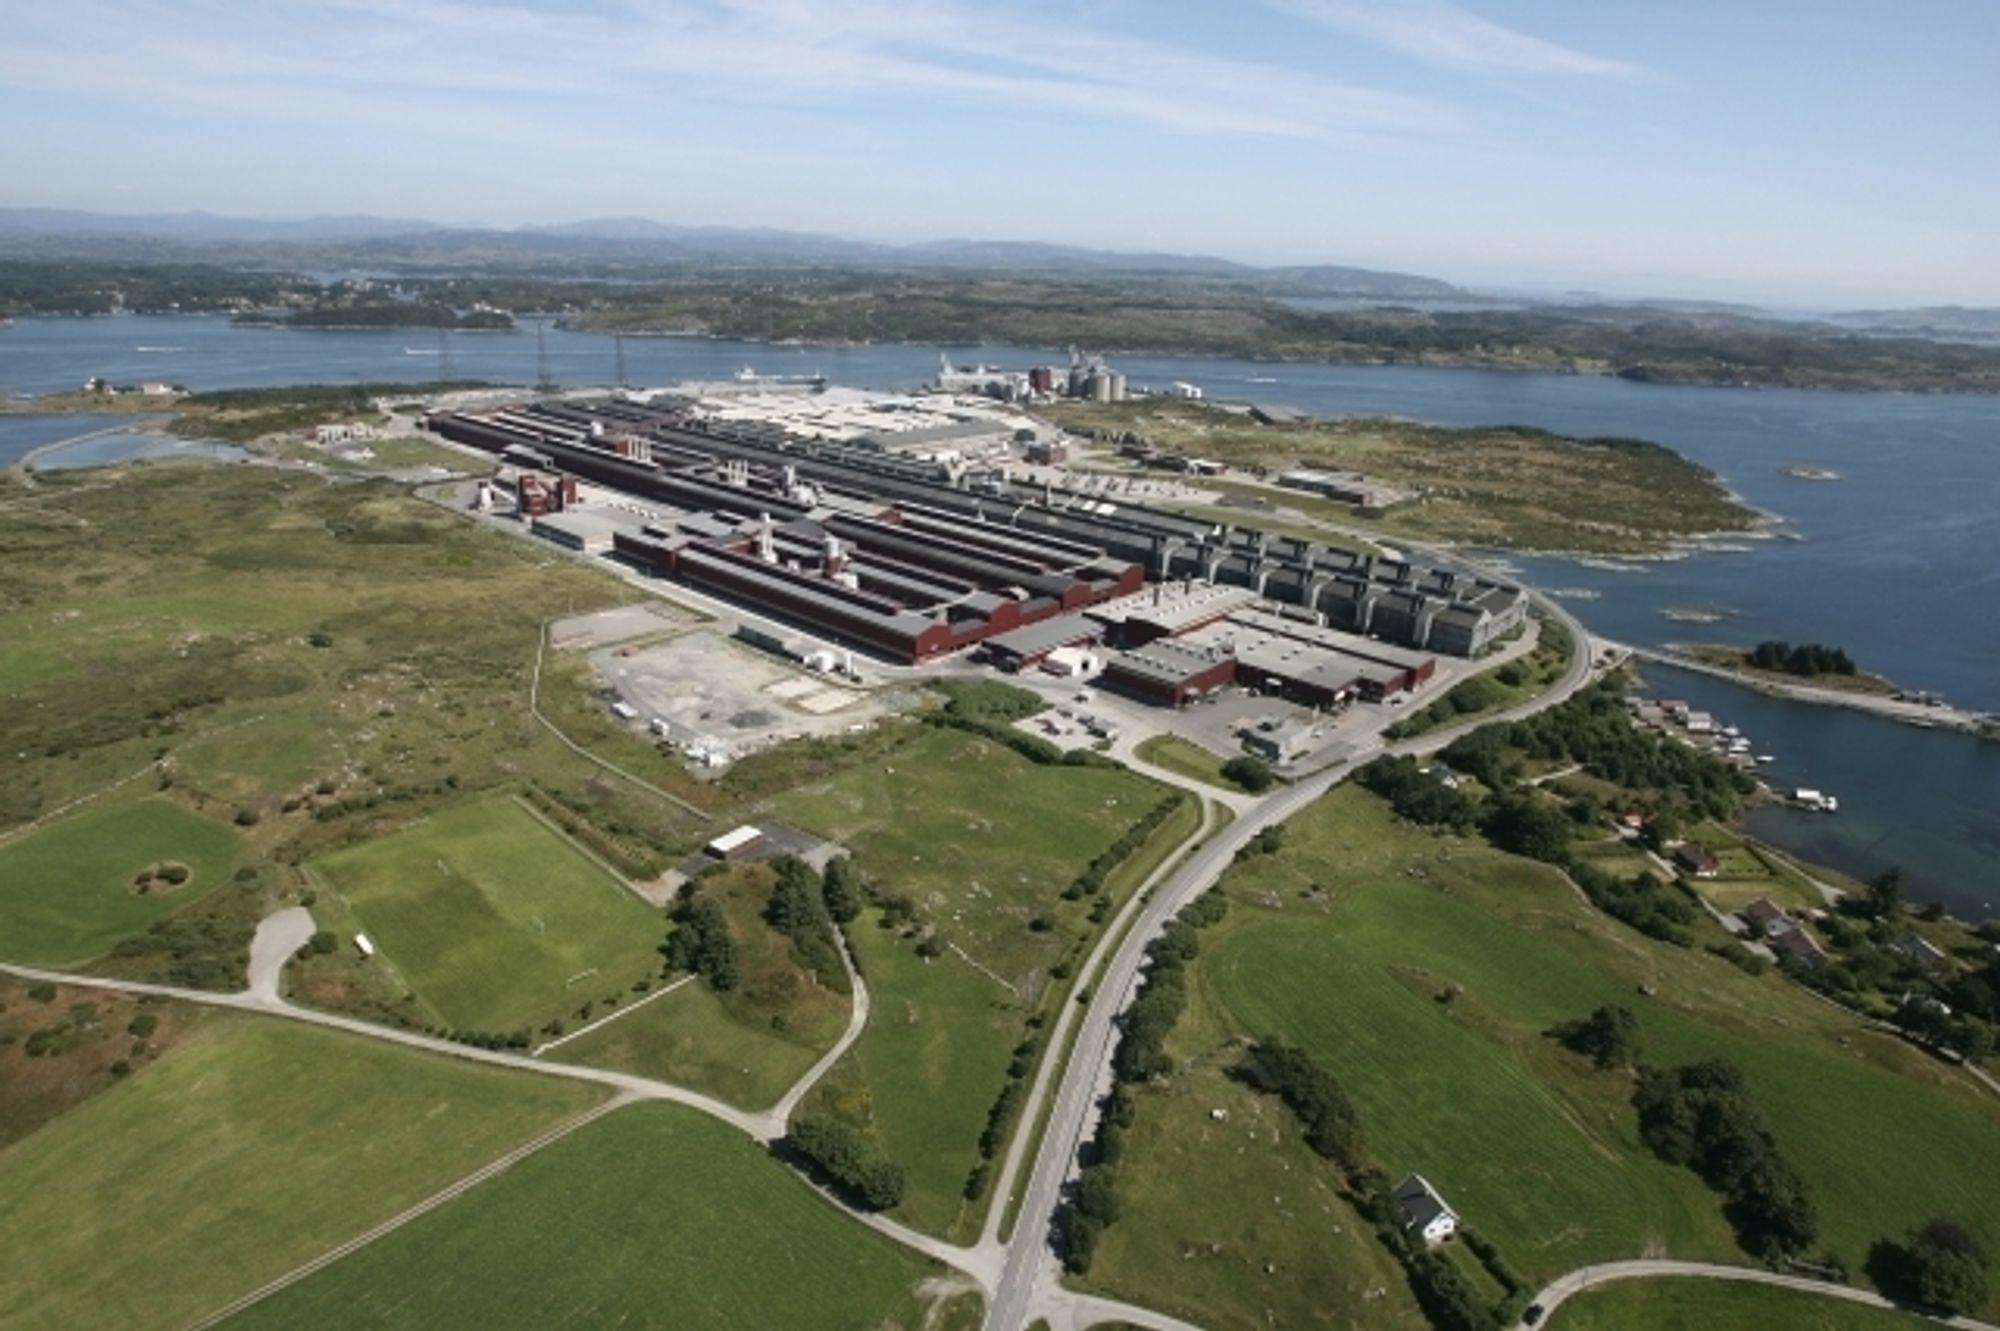 MINDRE STRØM: Hydros aluminiumsverk på Karmøy og resten av den kraftkrevende industrien kutter kraftig i strømforbruket i år, ifølge Norsk Industri havner de på 1982-nivå. Manglende etterspørsel fører til nedleggelser, permitteringer og oppsigelser, tror NHO-organisasjonen.